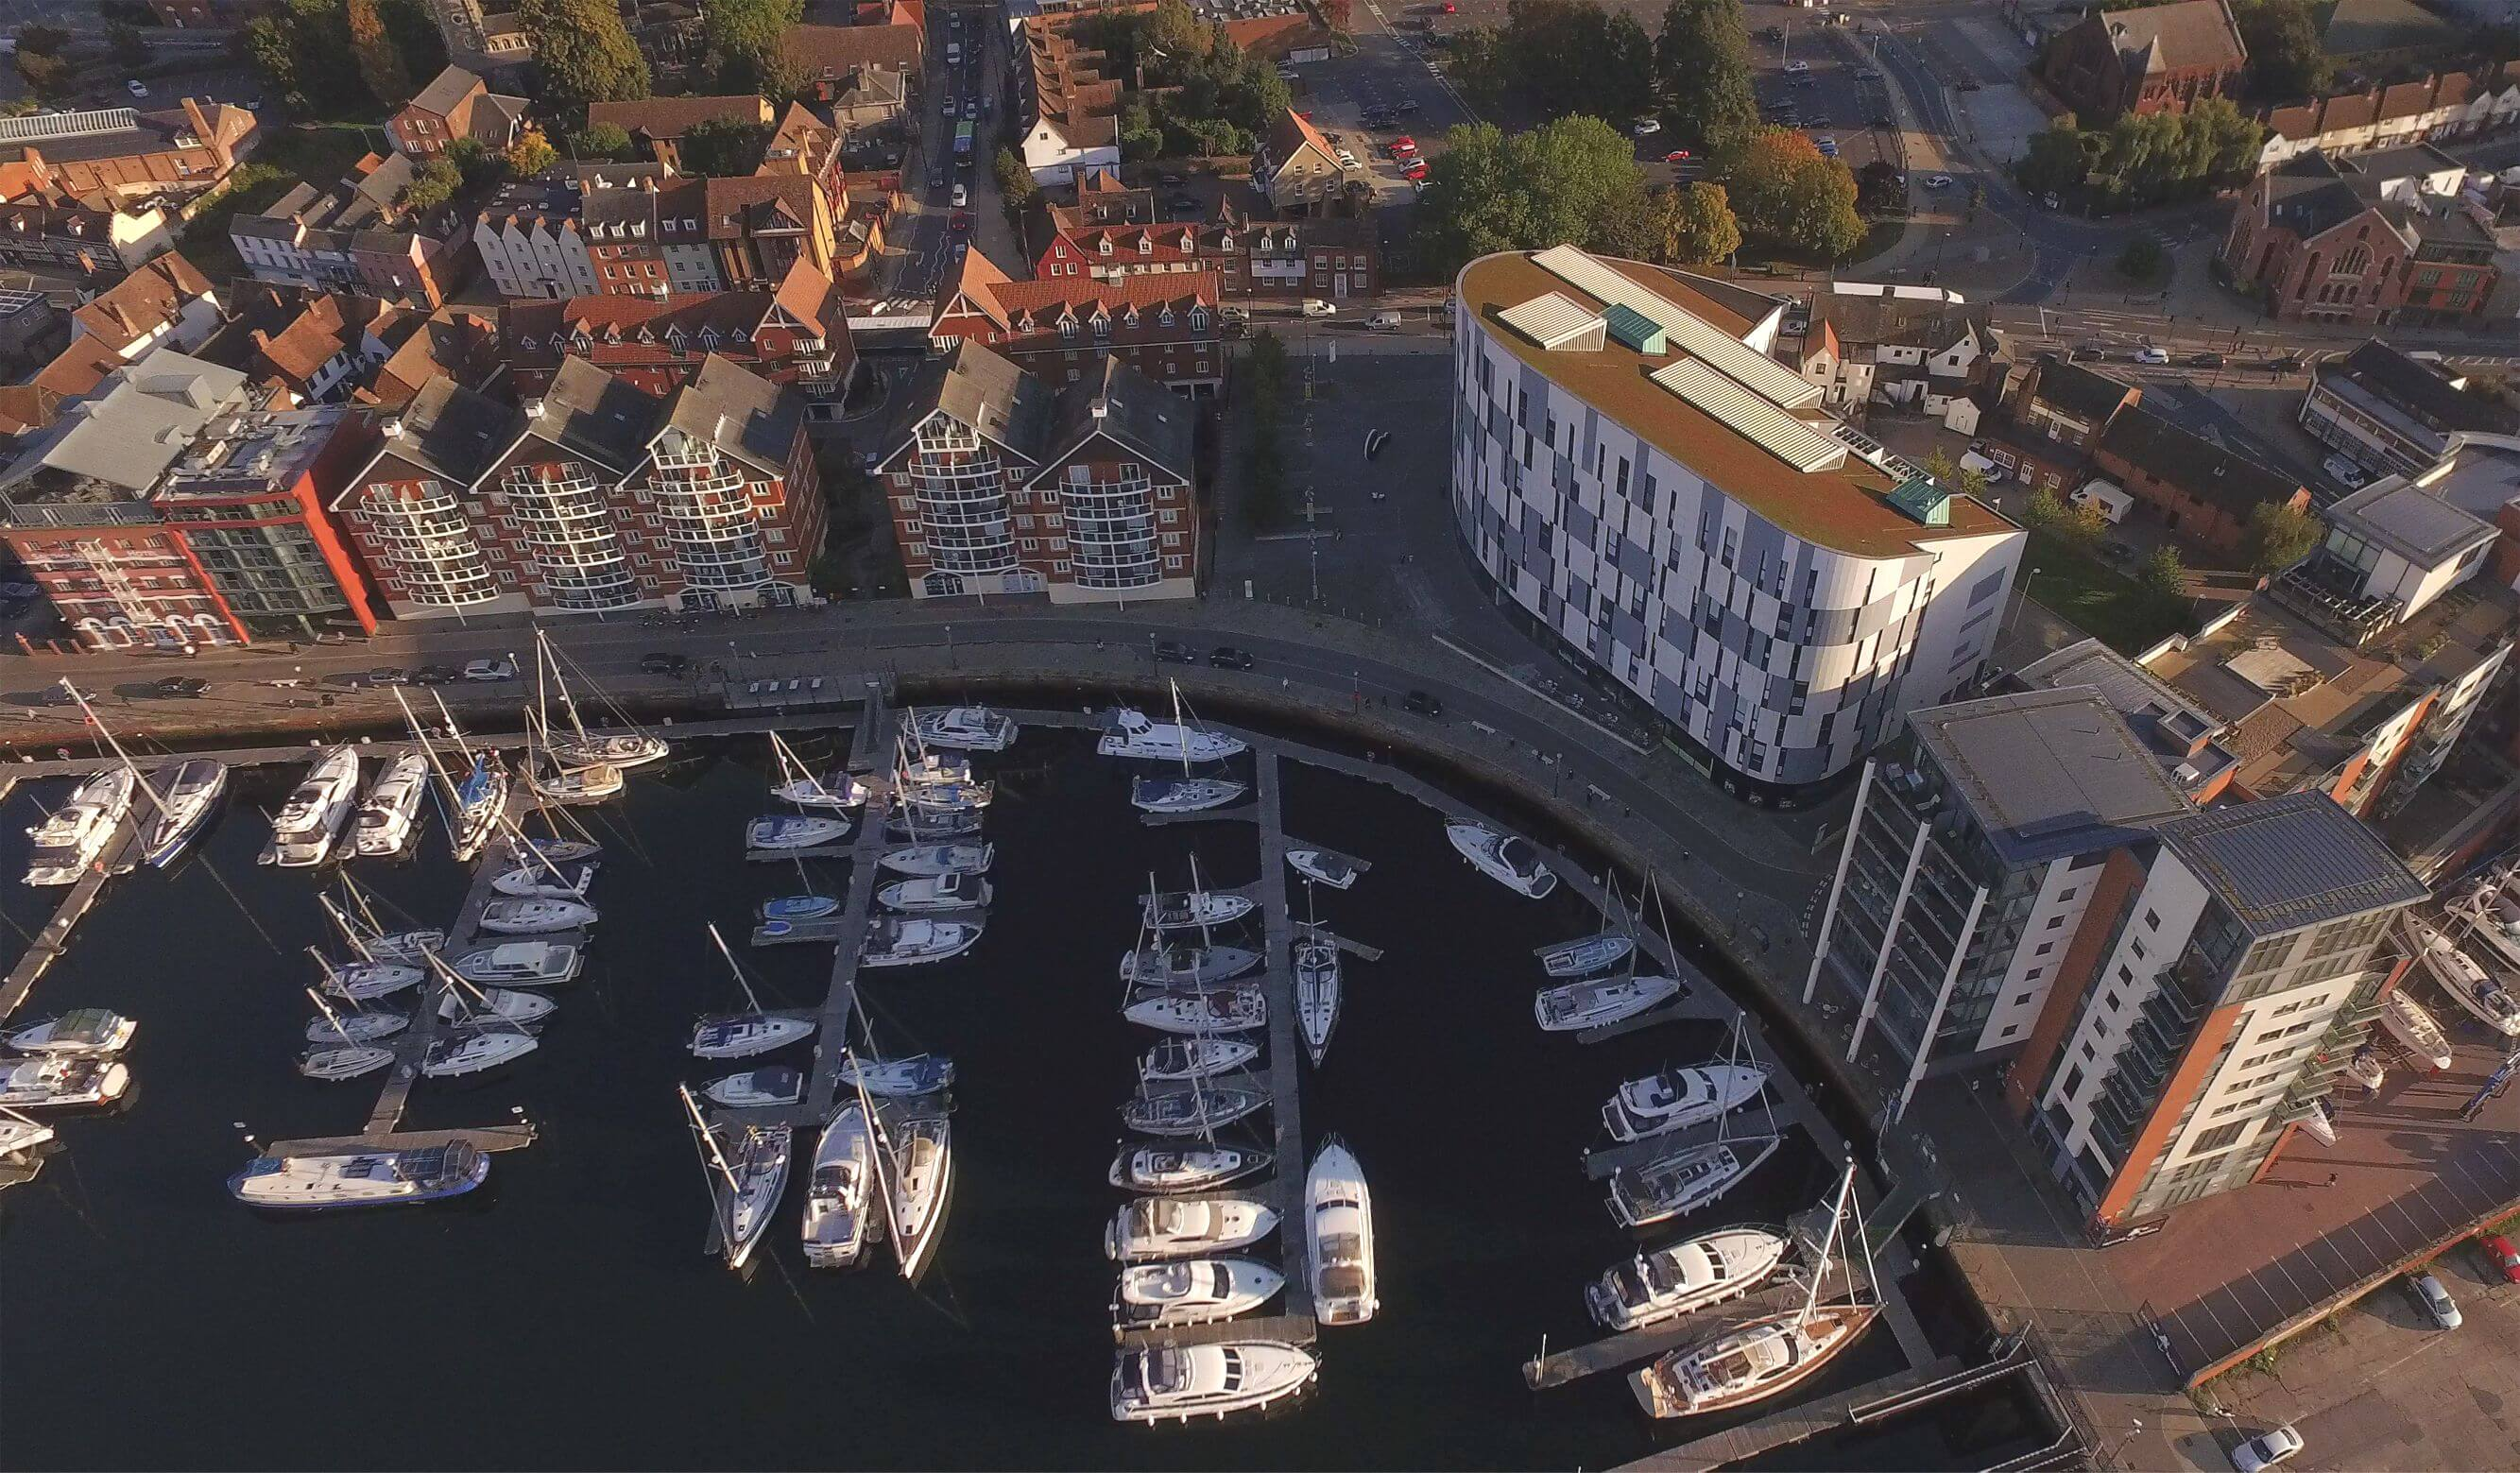 Ipswich_Waterfront